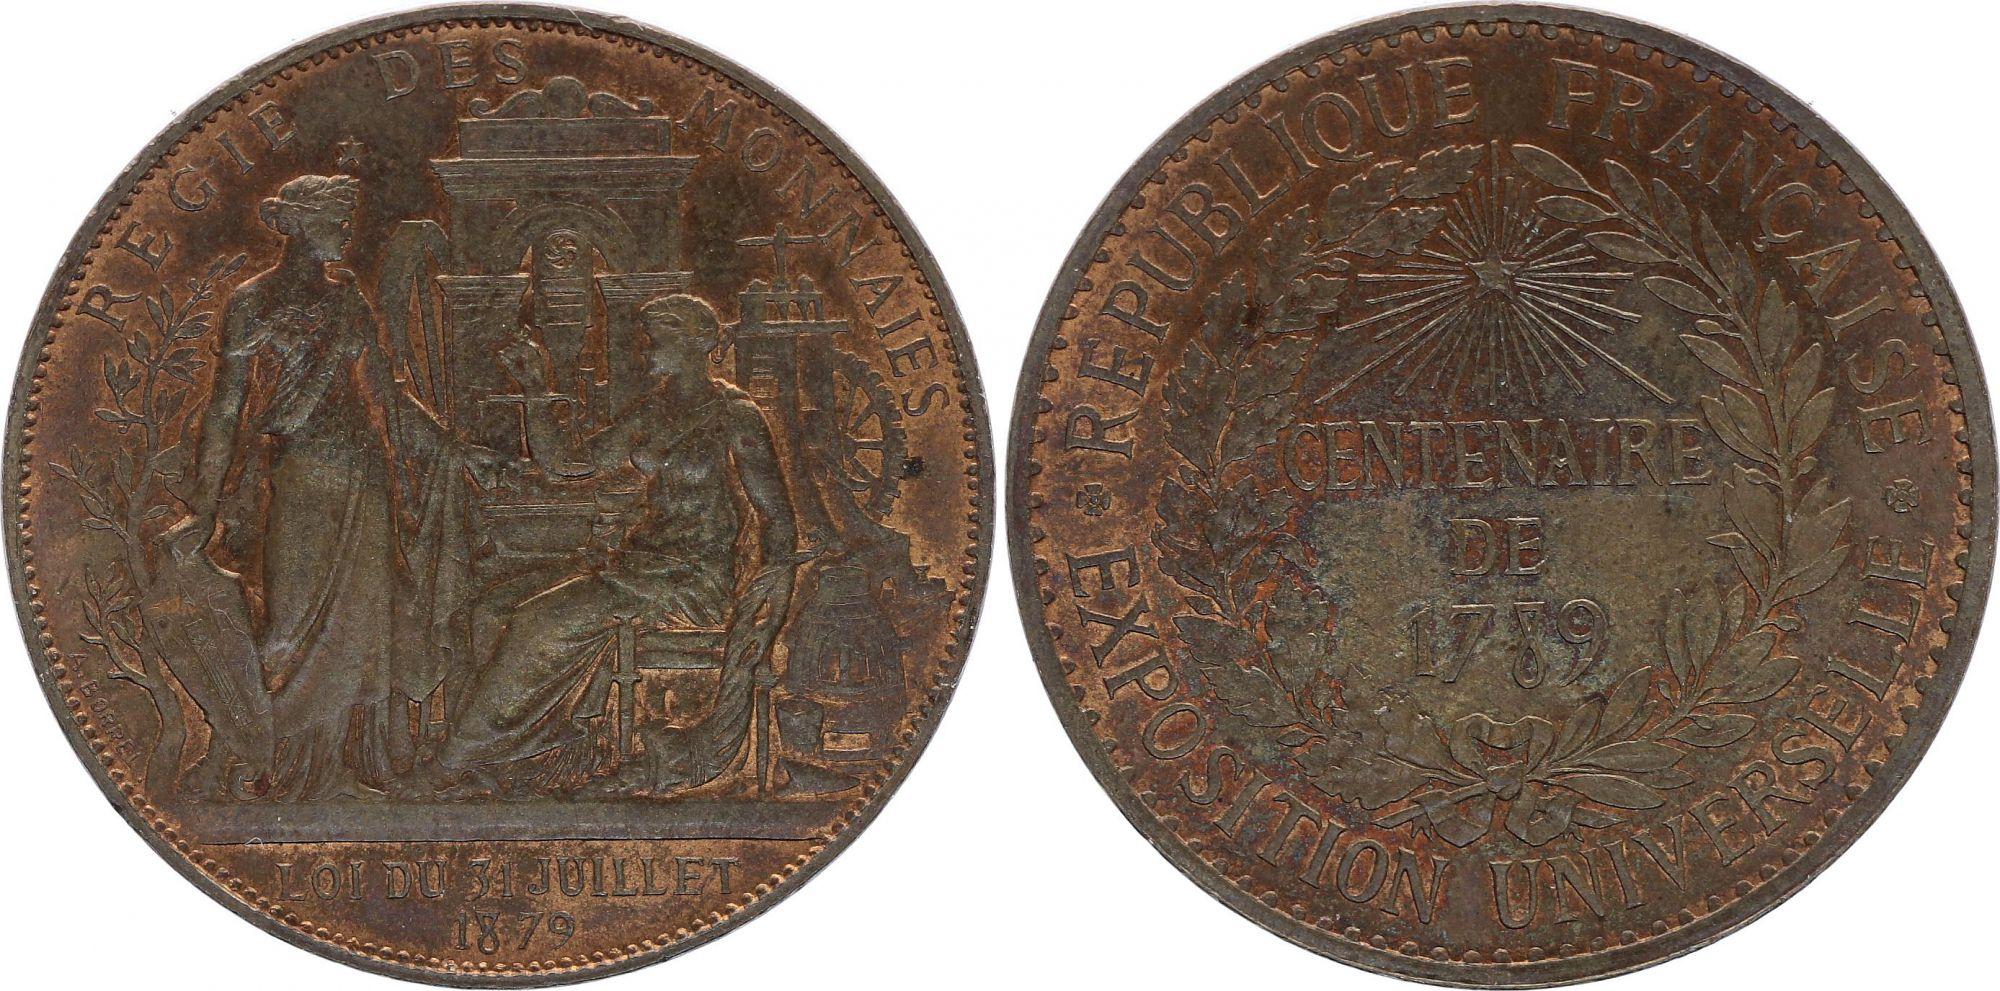 France Régie des Monnaies - Centenaire de 1789 - Exposition Universelle de 1889